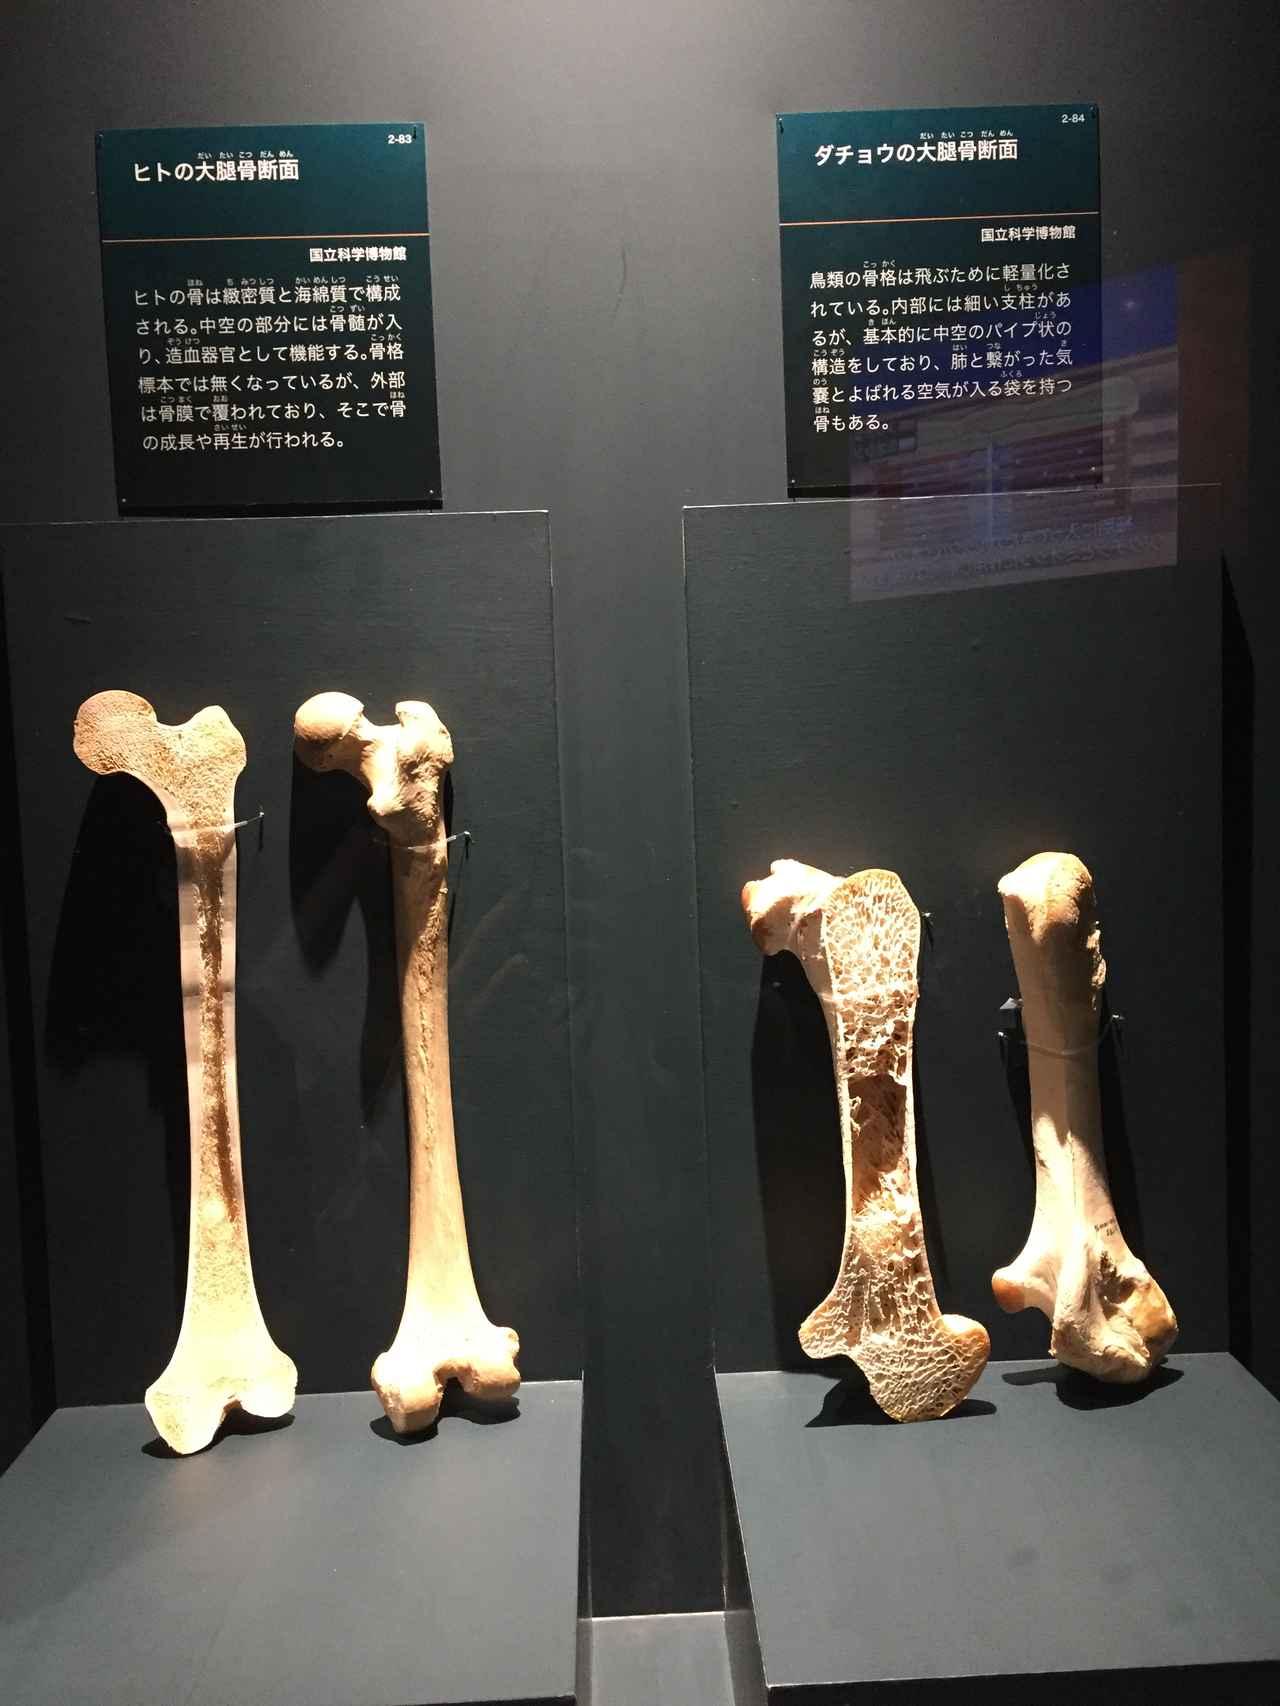 画像: 左はヒトの大腿骨断面